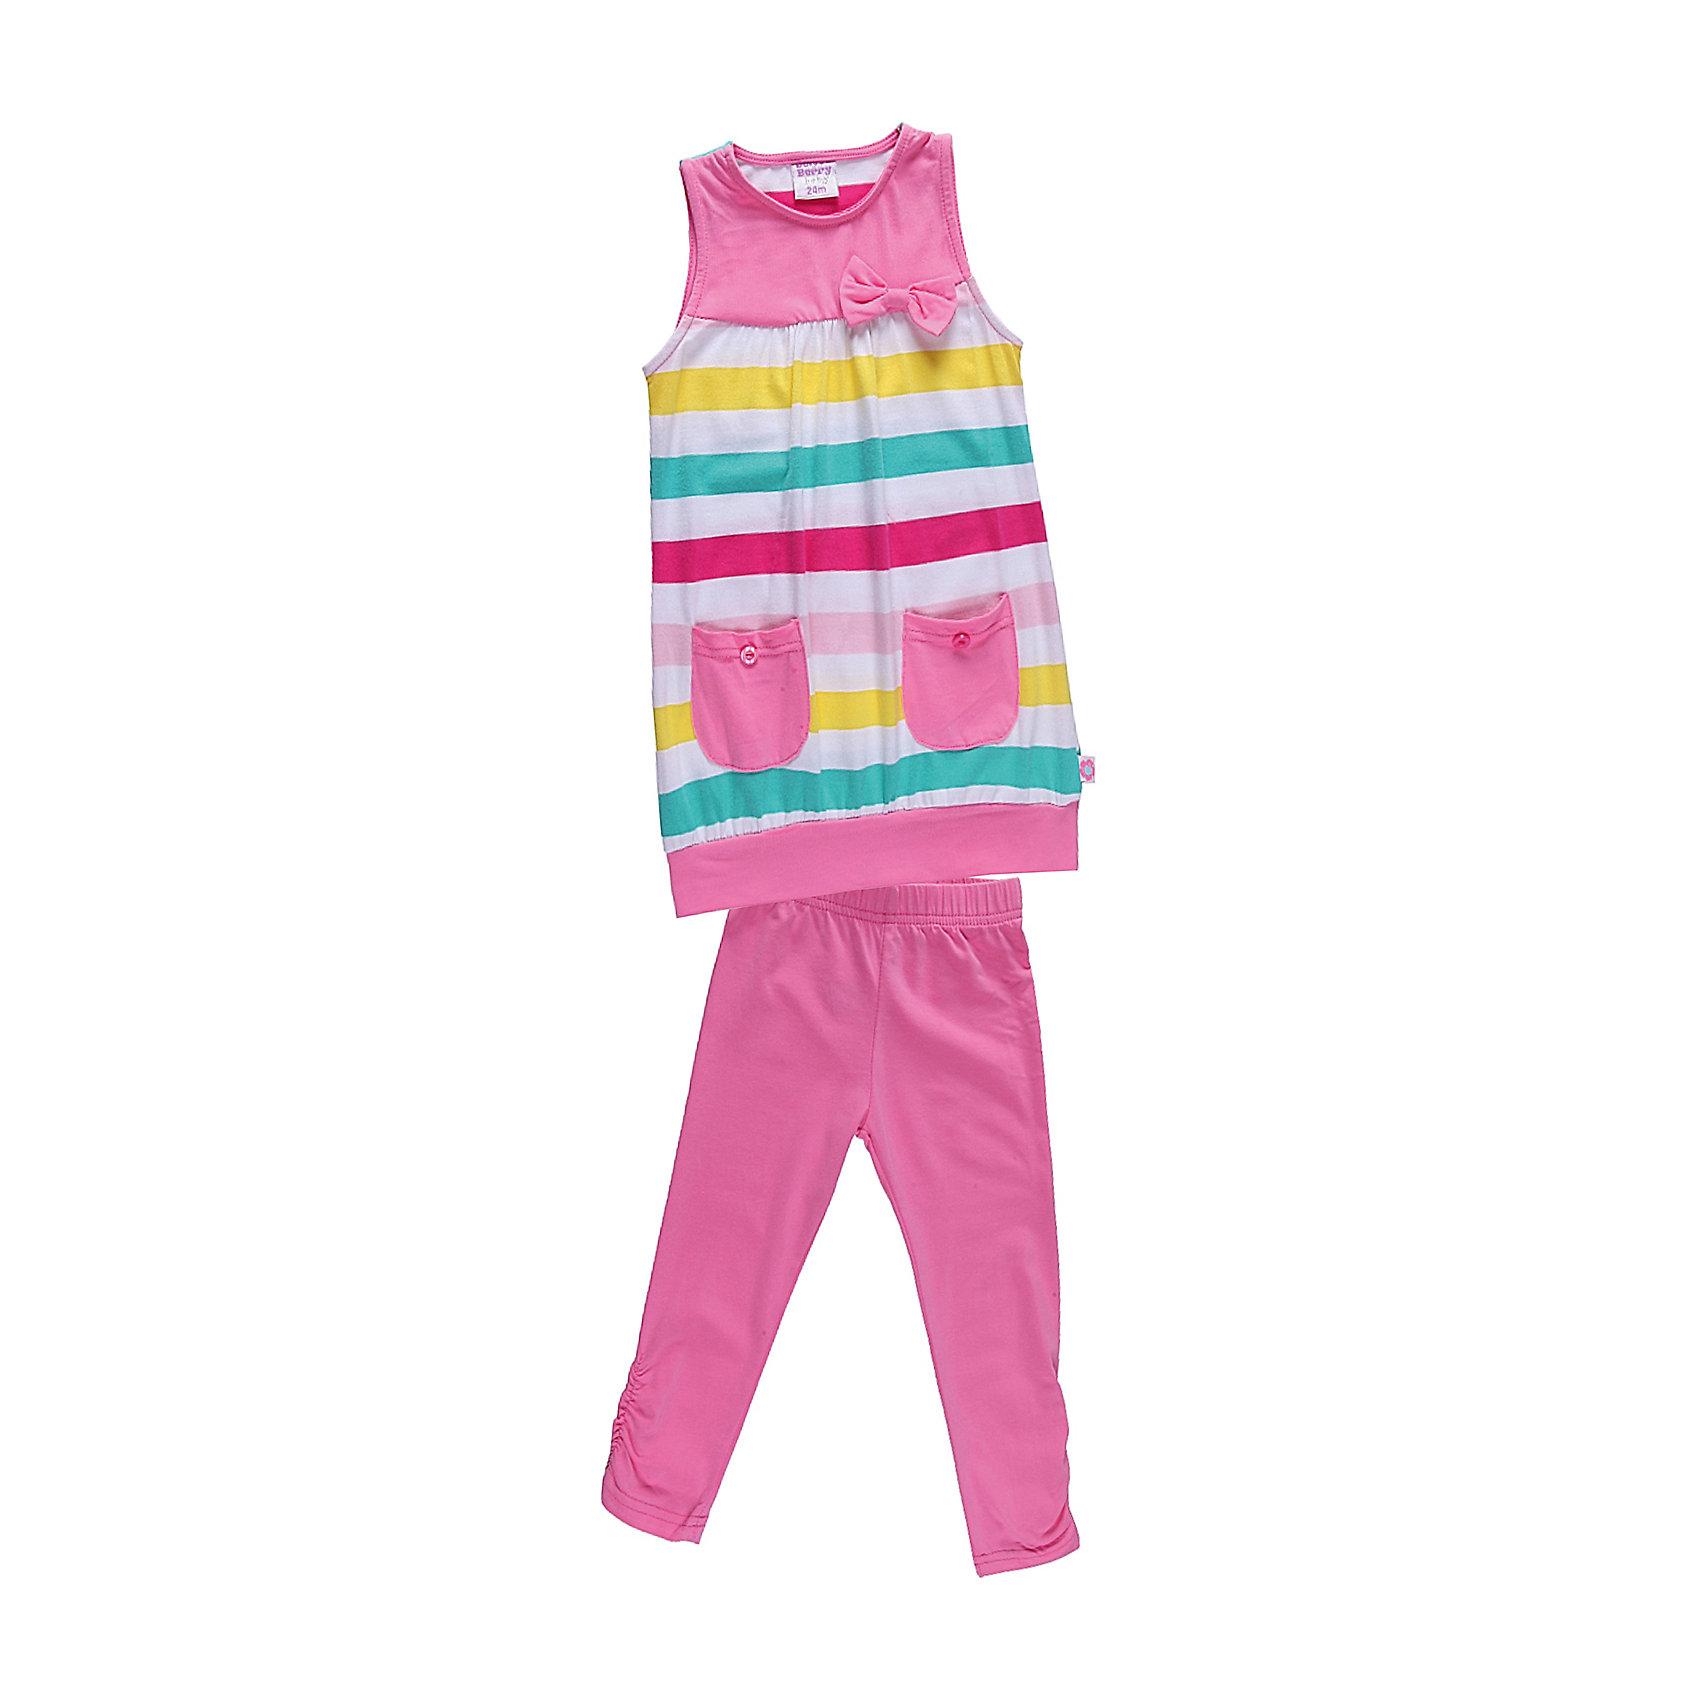 Комплект для девочки: платье и леггинсы Sweet BerryУдобный комплект из эластичного трикотажа.<br>Состав:<br>95% хлопок, 5% эластан<br><br>Ширина мм: 236<br>Глубина мм: 16<br>Высота мм: 184<br>Вес г: 177<br>Цвет: разноцветный<br>Возраст от месяцев: 9<br>Возраст до месяцев: 12<br>Пол: Женский<br>Возраст: Детский<br>Размер: 80,86,92,98<br>SKU: 4520475